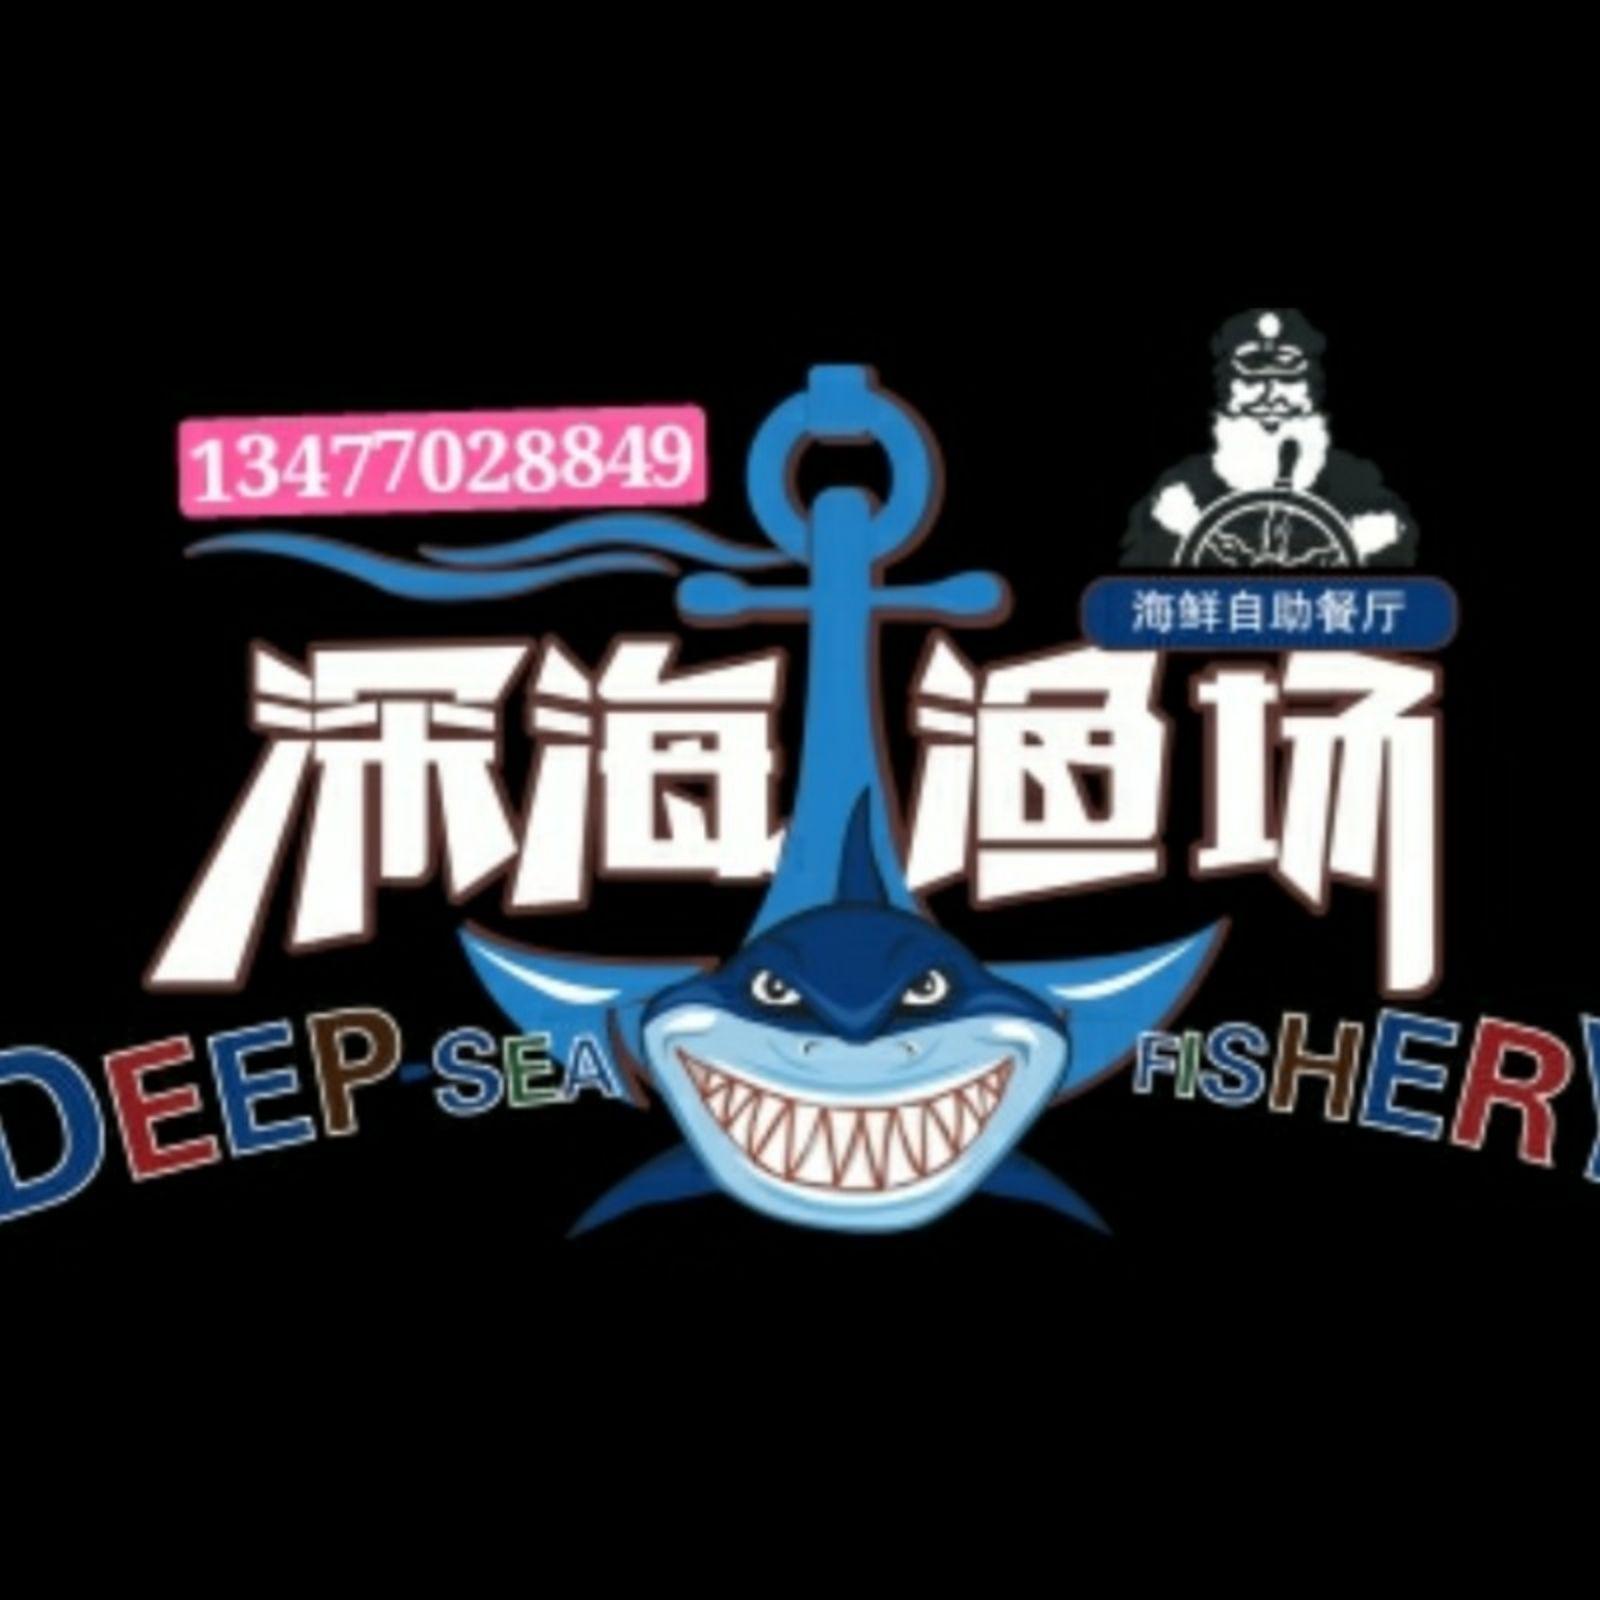 深海渔场海鲜自助餐厅